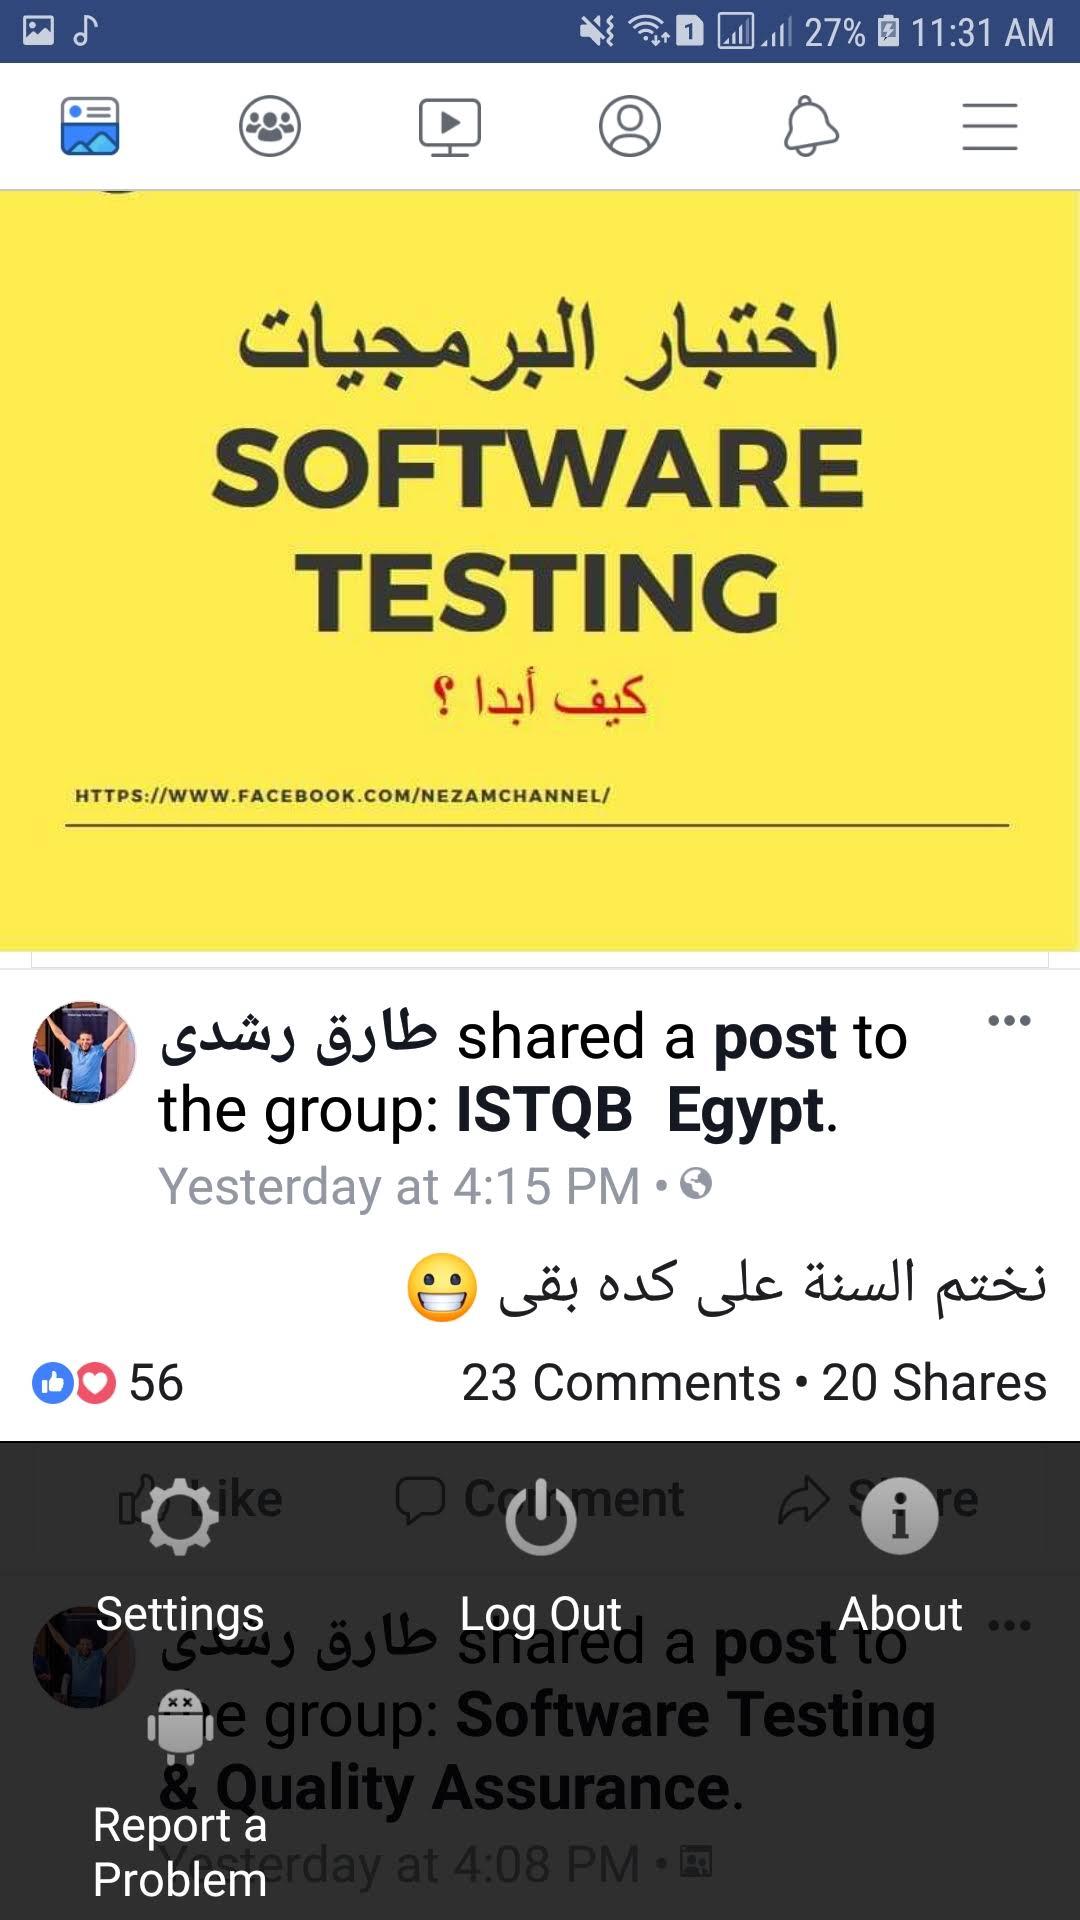 بعد فتح تطبيق فيسبوك، اضغط على زر الرجوع مع الإستمرار، ثم اختر إبلاغ عن مشكلة أو report a problem